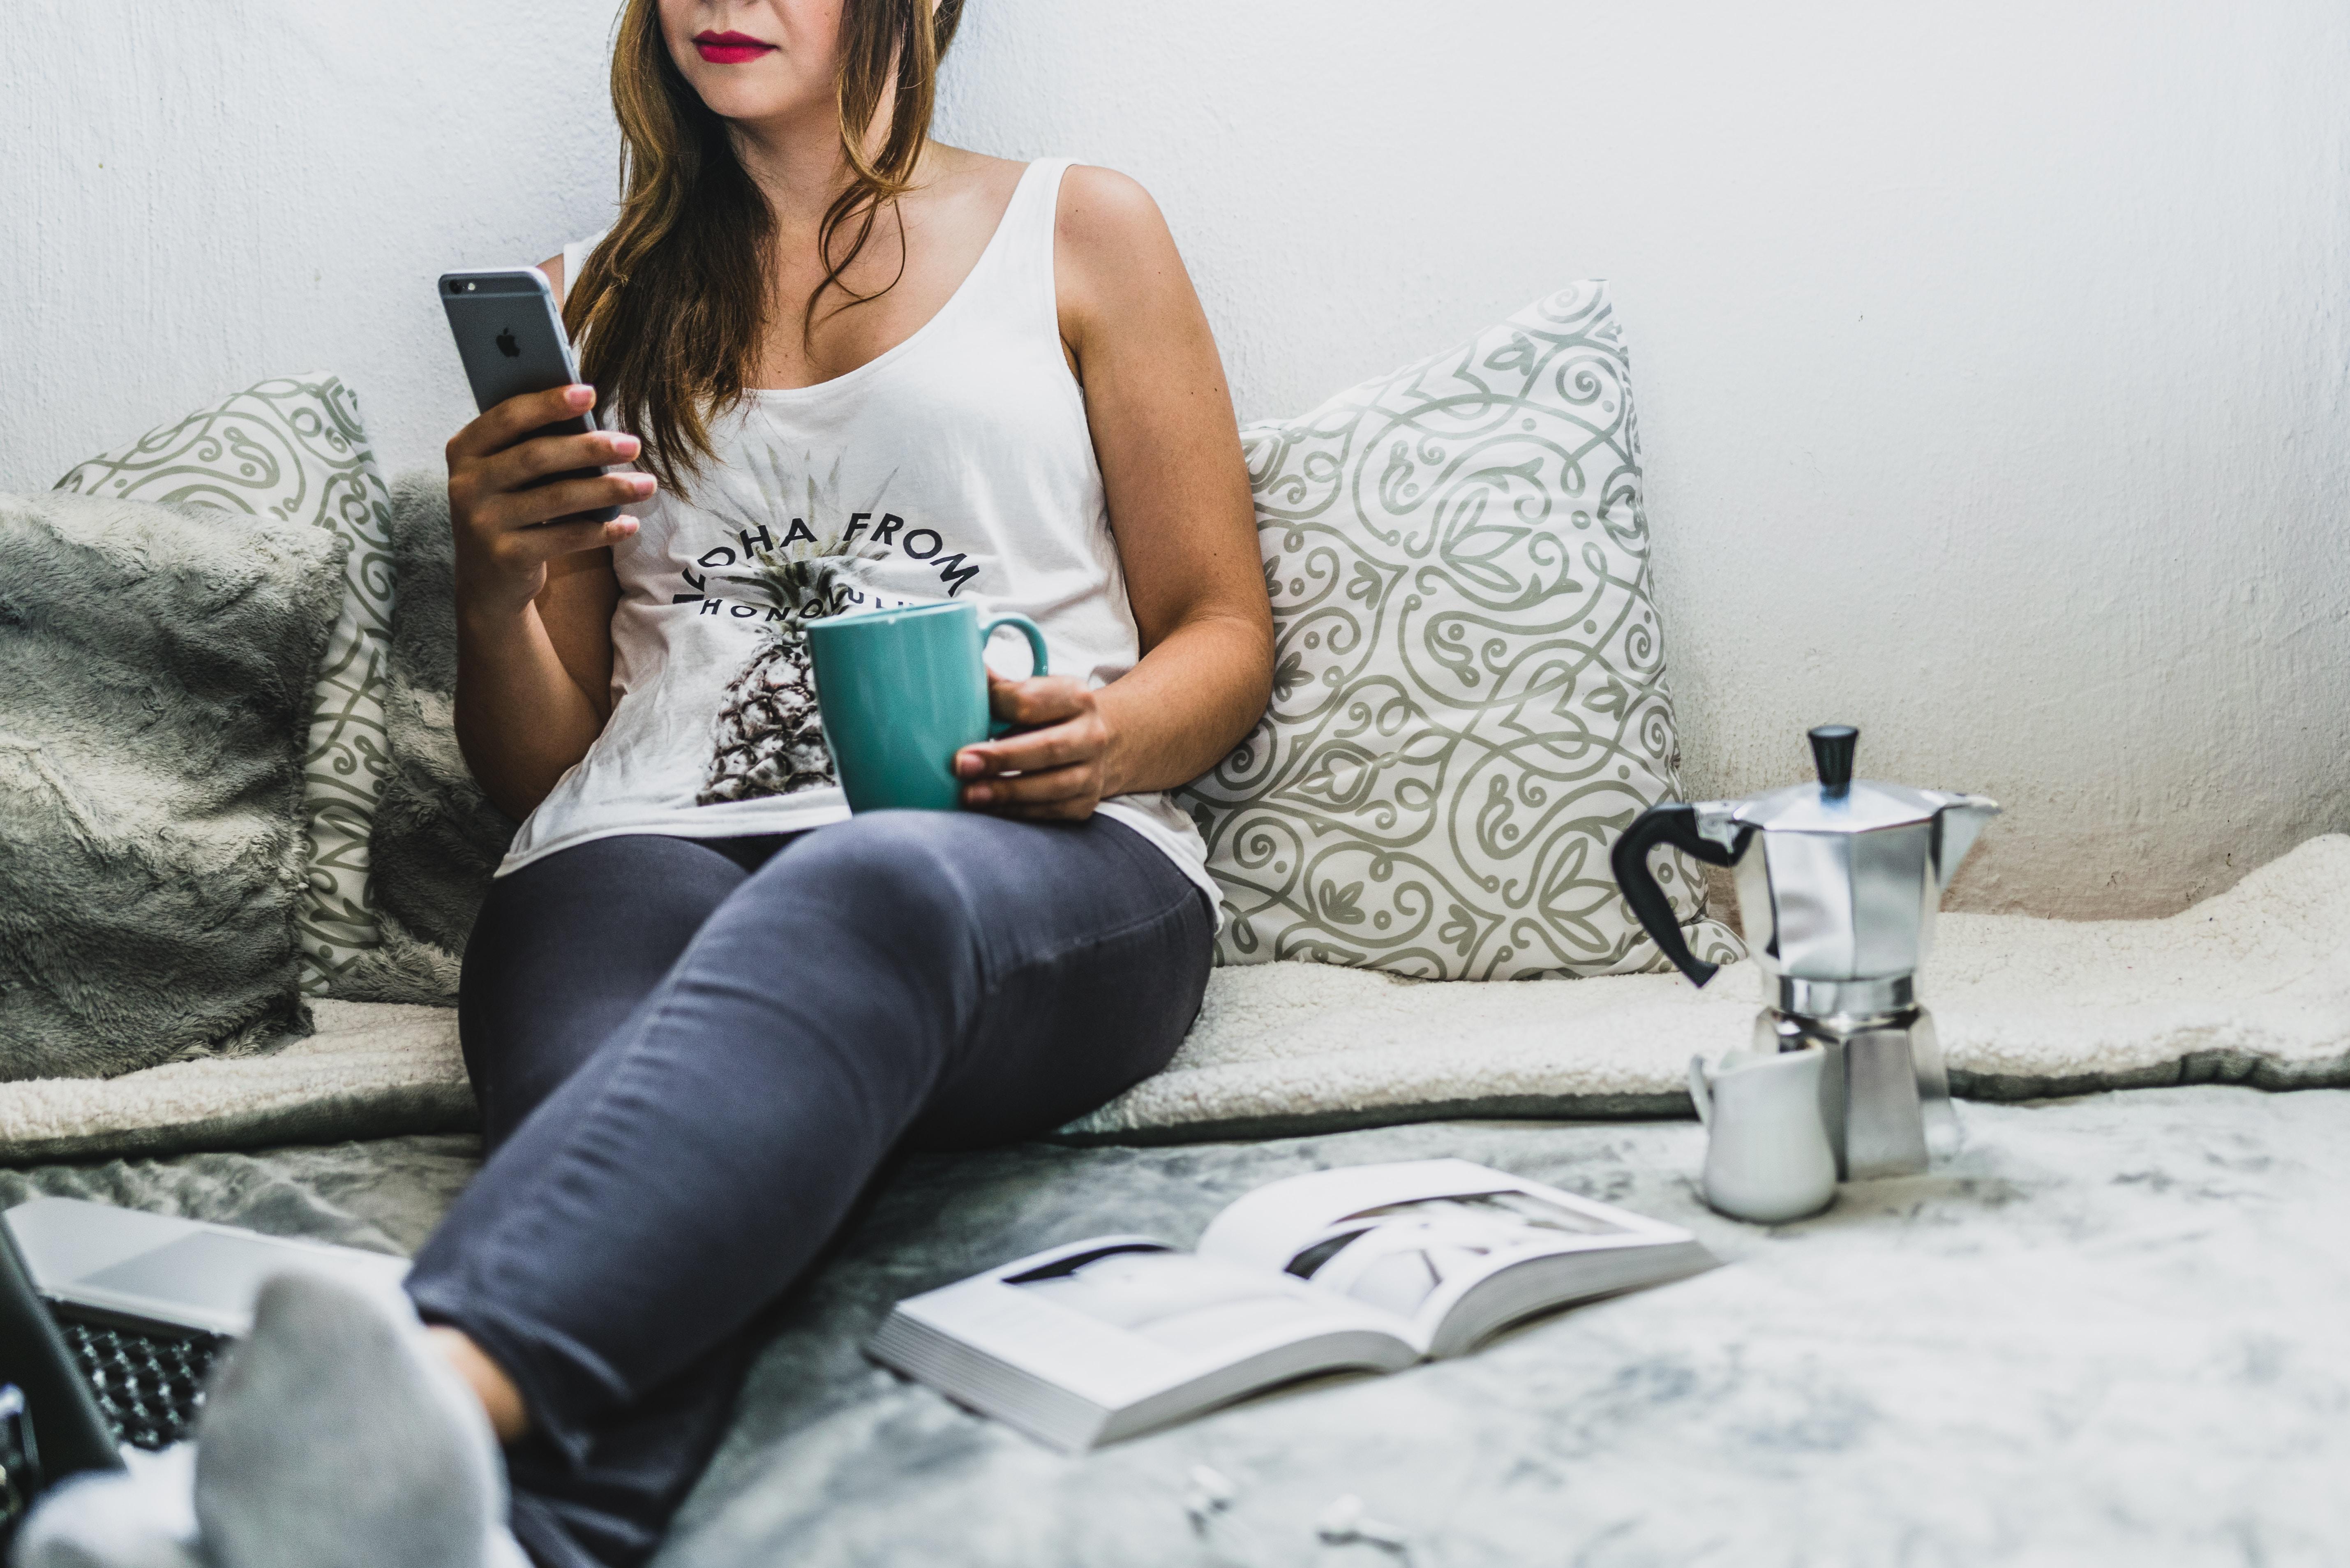 Cuidado com camas e sofás – trabalhar em locais de descanso pode diminuir a eficiência do trabalho e confundir seu corpo no que diz respeito ao serviço e ao seu tempo de relaxamento. Além disso, fica muito mais fácil se distrair em ambientes que são propícios para o nosso descanso. (Foto: Bruno Cervera/Unsplash)